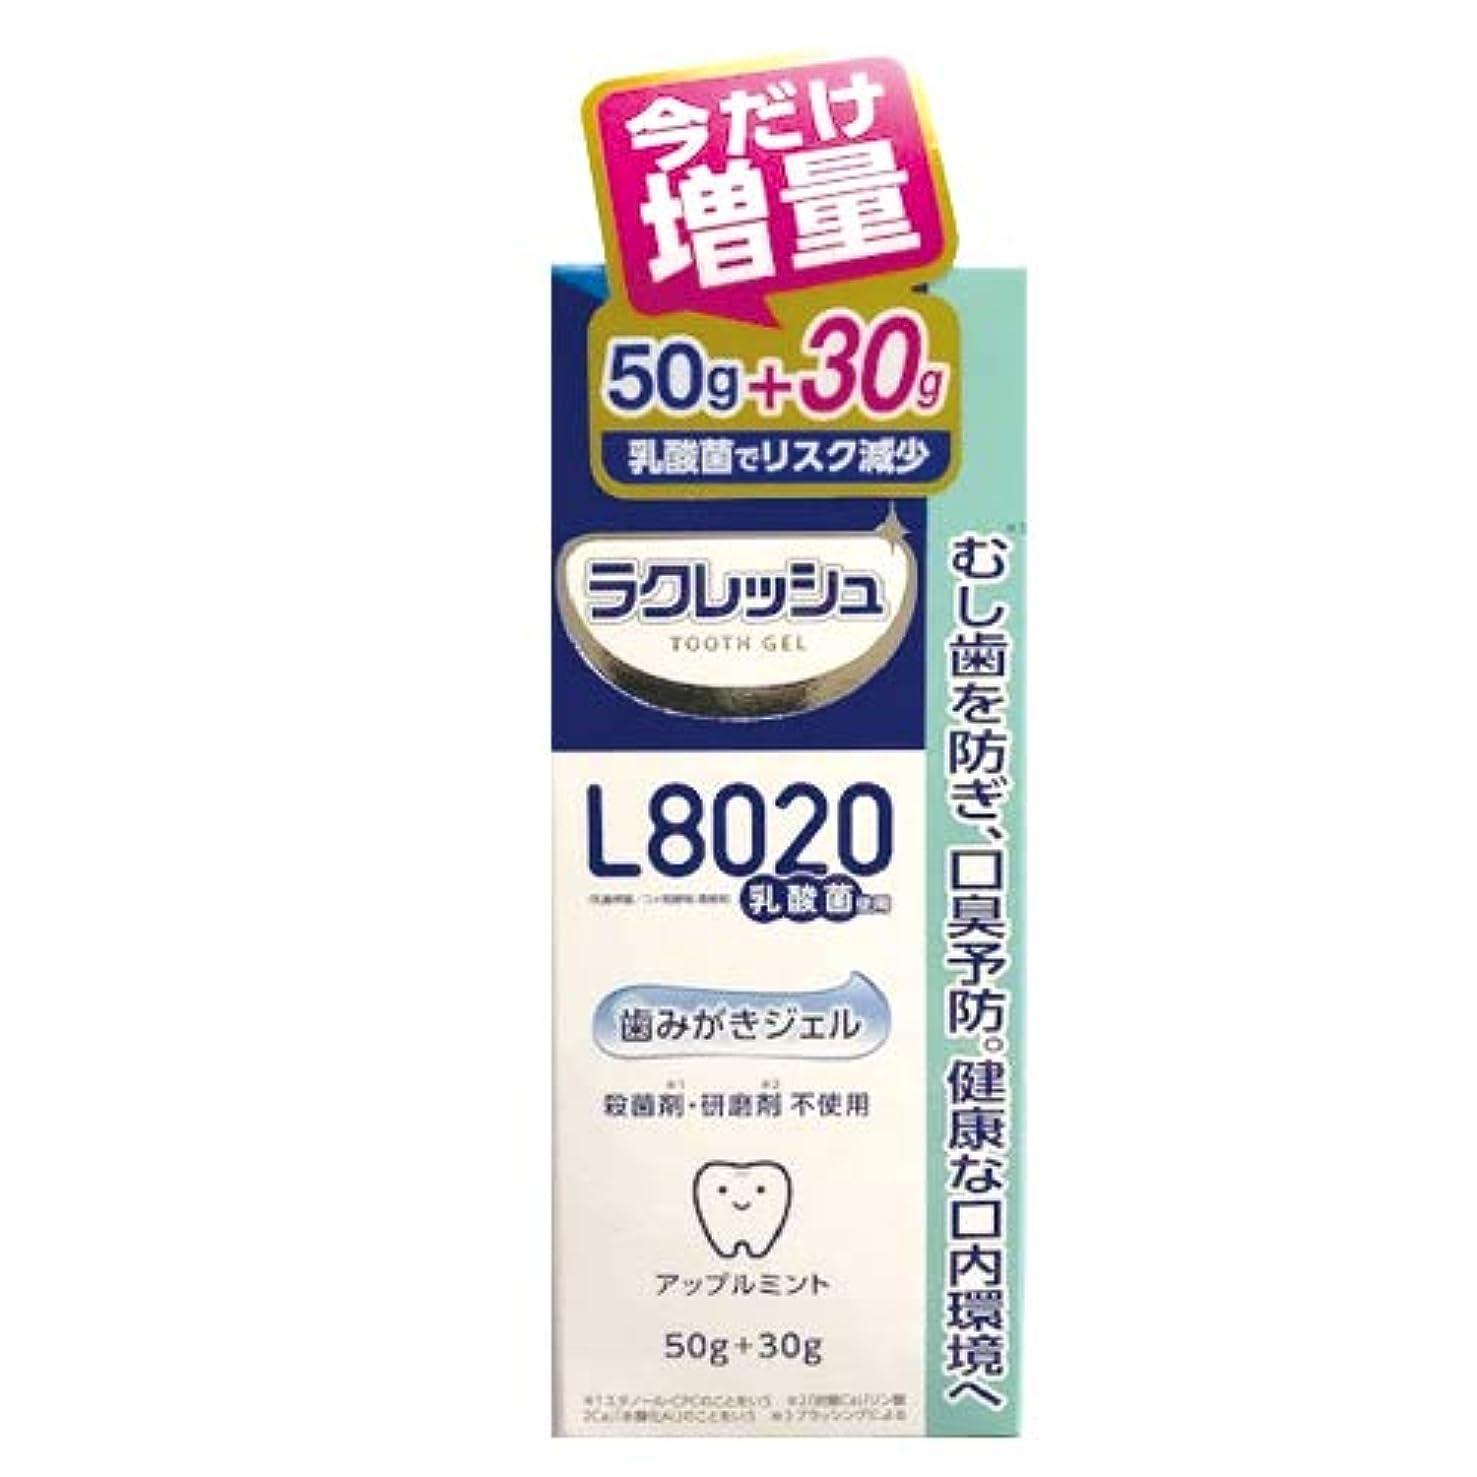 無駄な十分にドリンク【増量30g 】ジェクス L8020乳酸菌 ラクレッシュ 歯みがきジェル 80g(50g+30g)